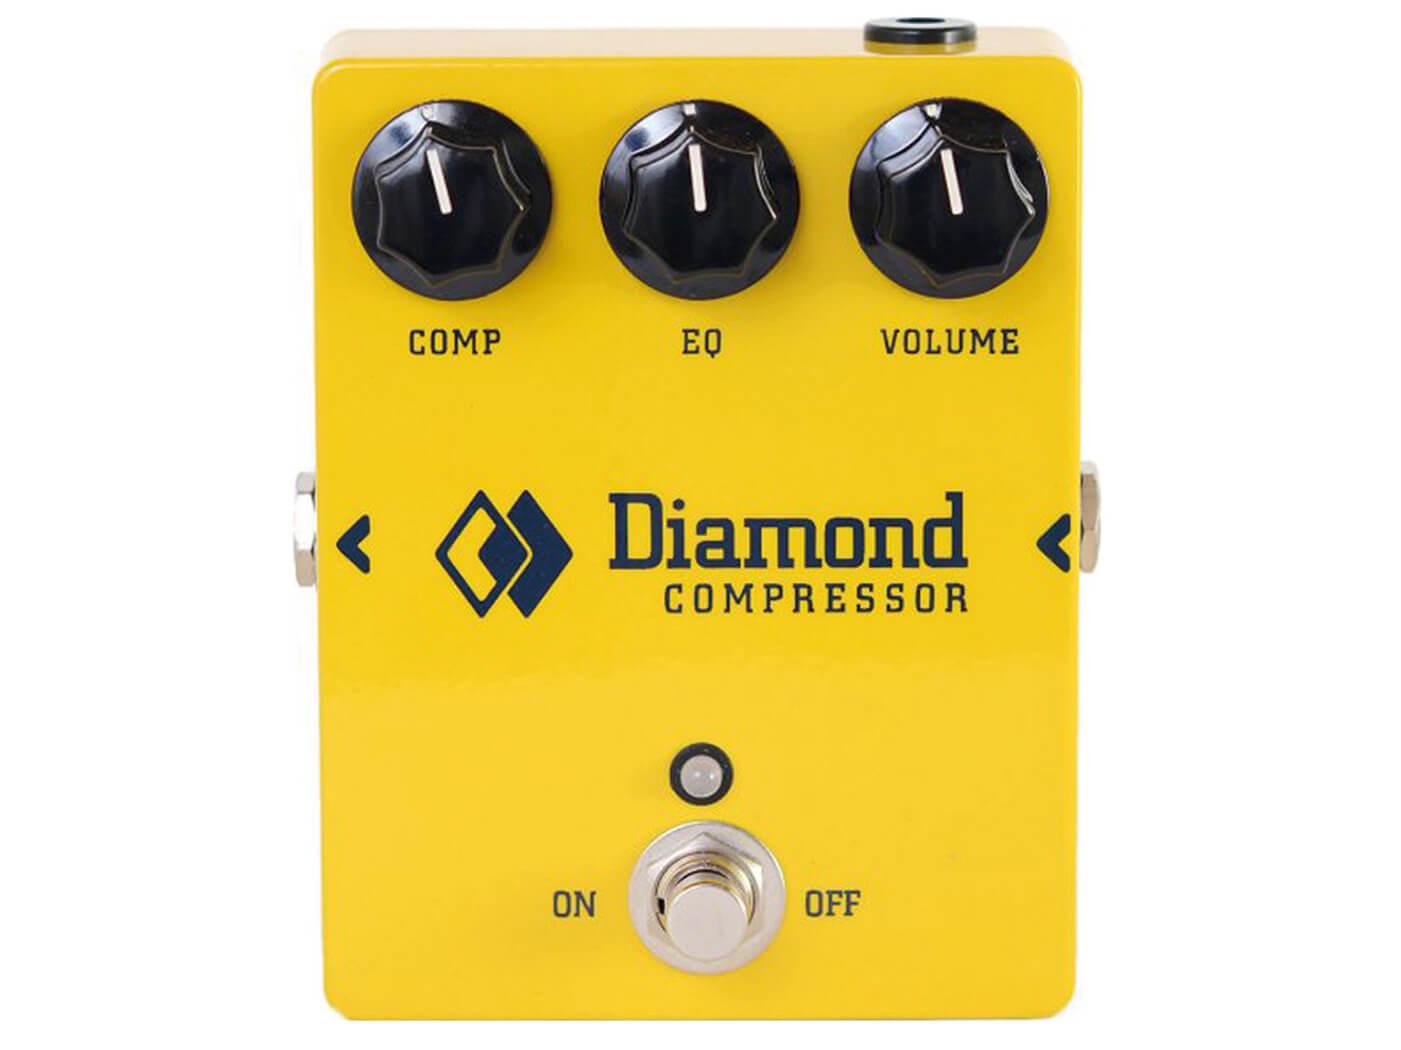 Diamond CPR-1 Compressor